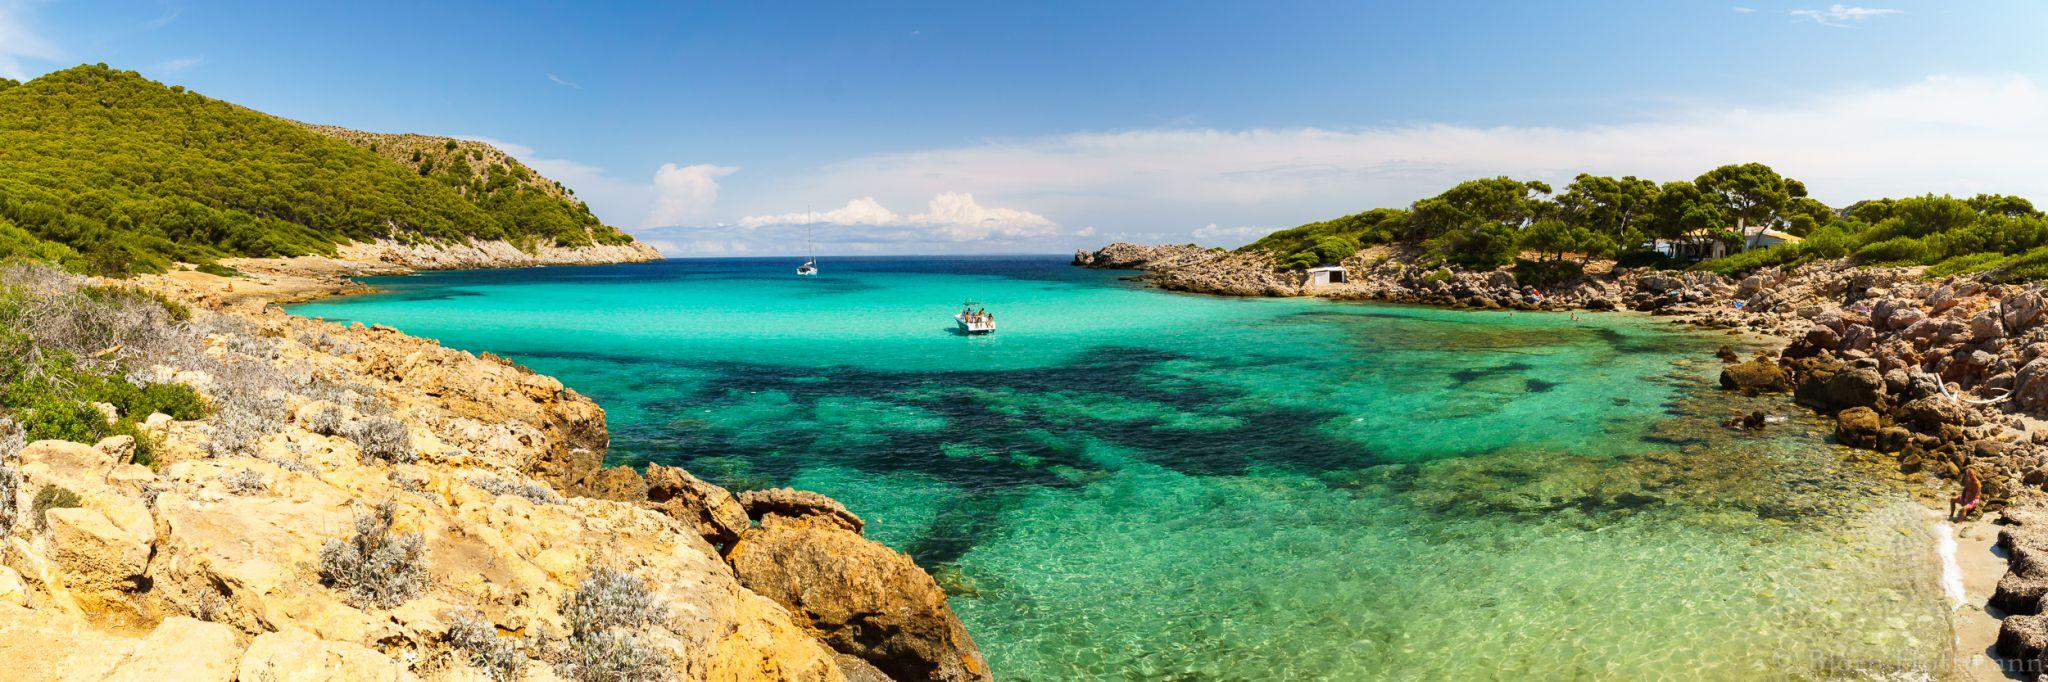 Cala Molto, Mallorca, Spain